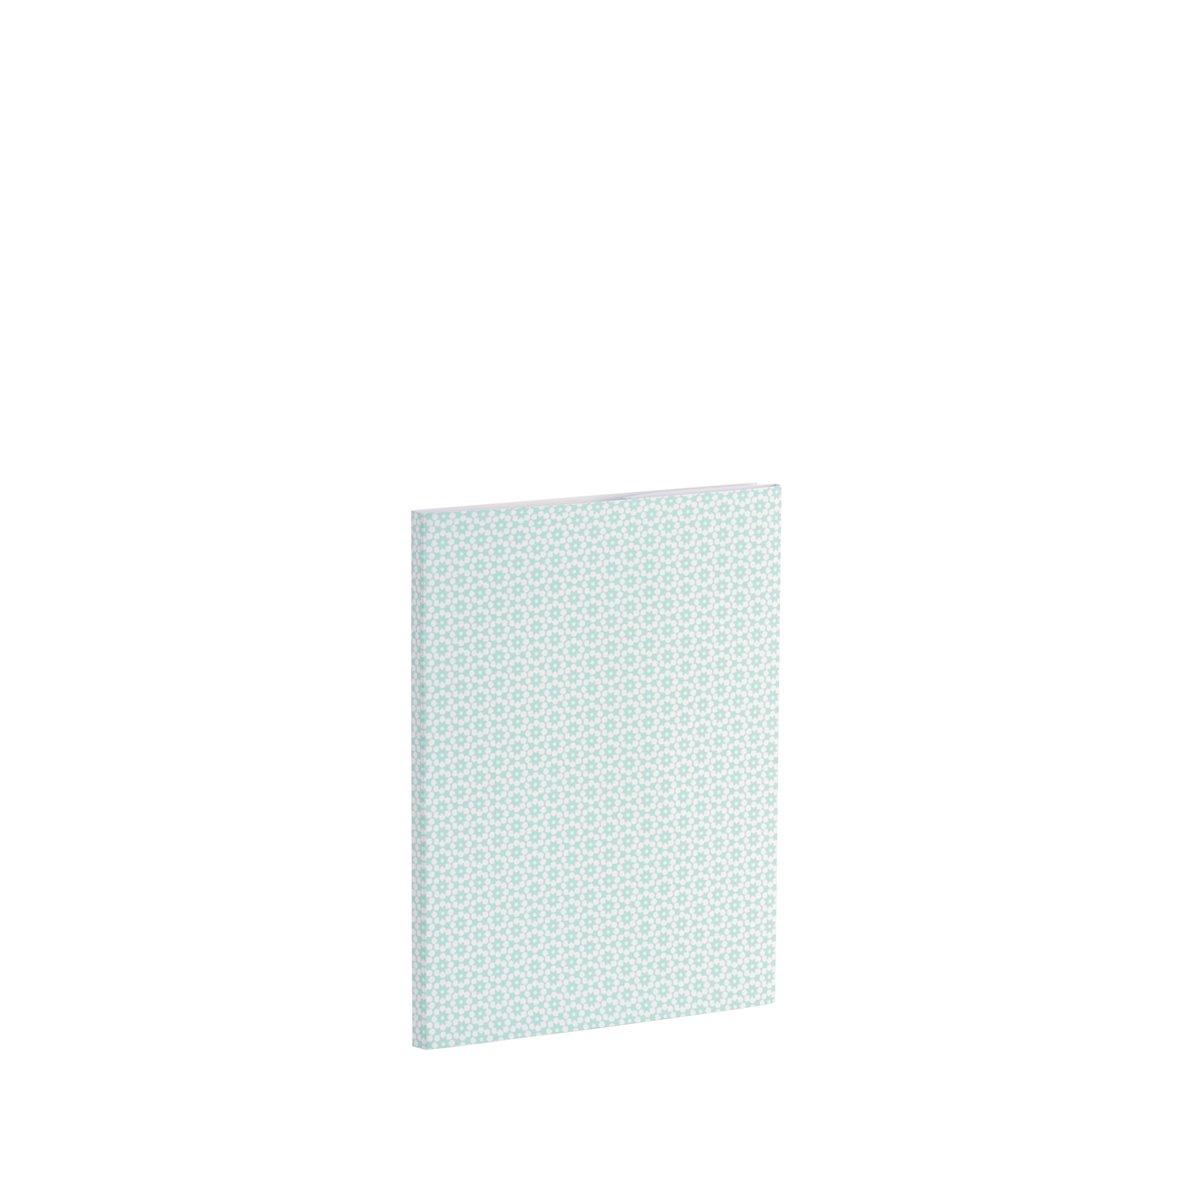 Rössler Papier - - Dream, Jade - Briefpapierpack 10 10-185x250 Ft.7 - Liefermenge  5 Stück